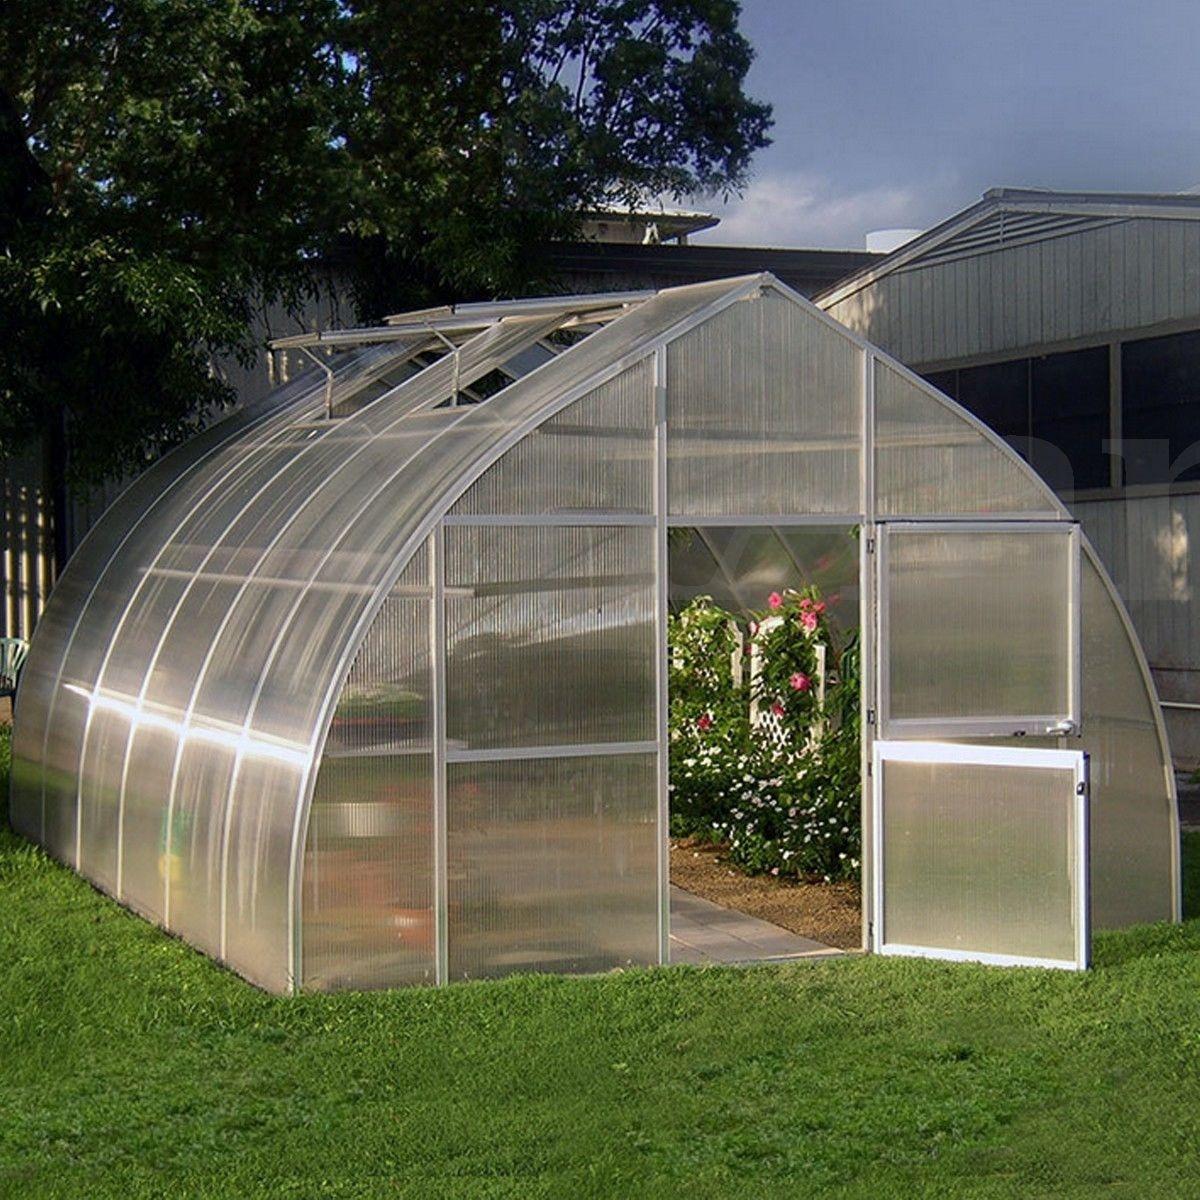 Автоматический сельскохозяйственный парниковый открывалка для окон Солнечный термочувствительный открывалка для окон Invernadero Automatischer Fensteroffner # T